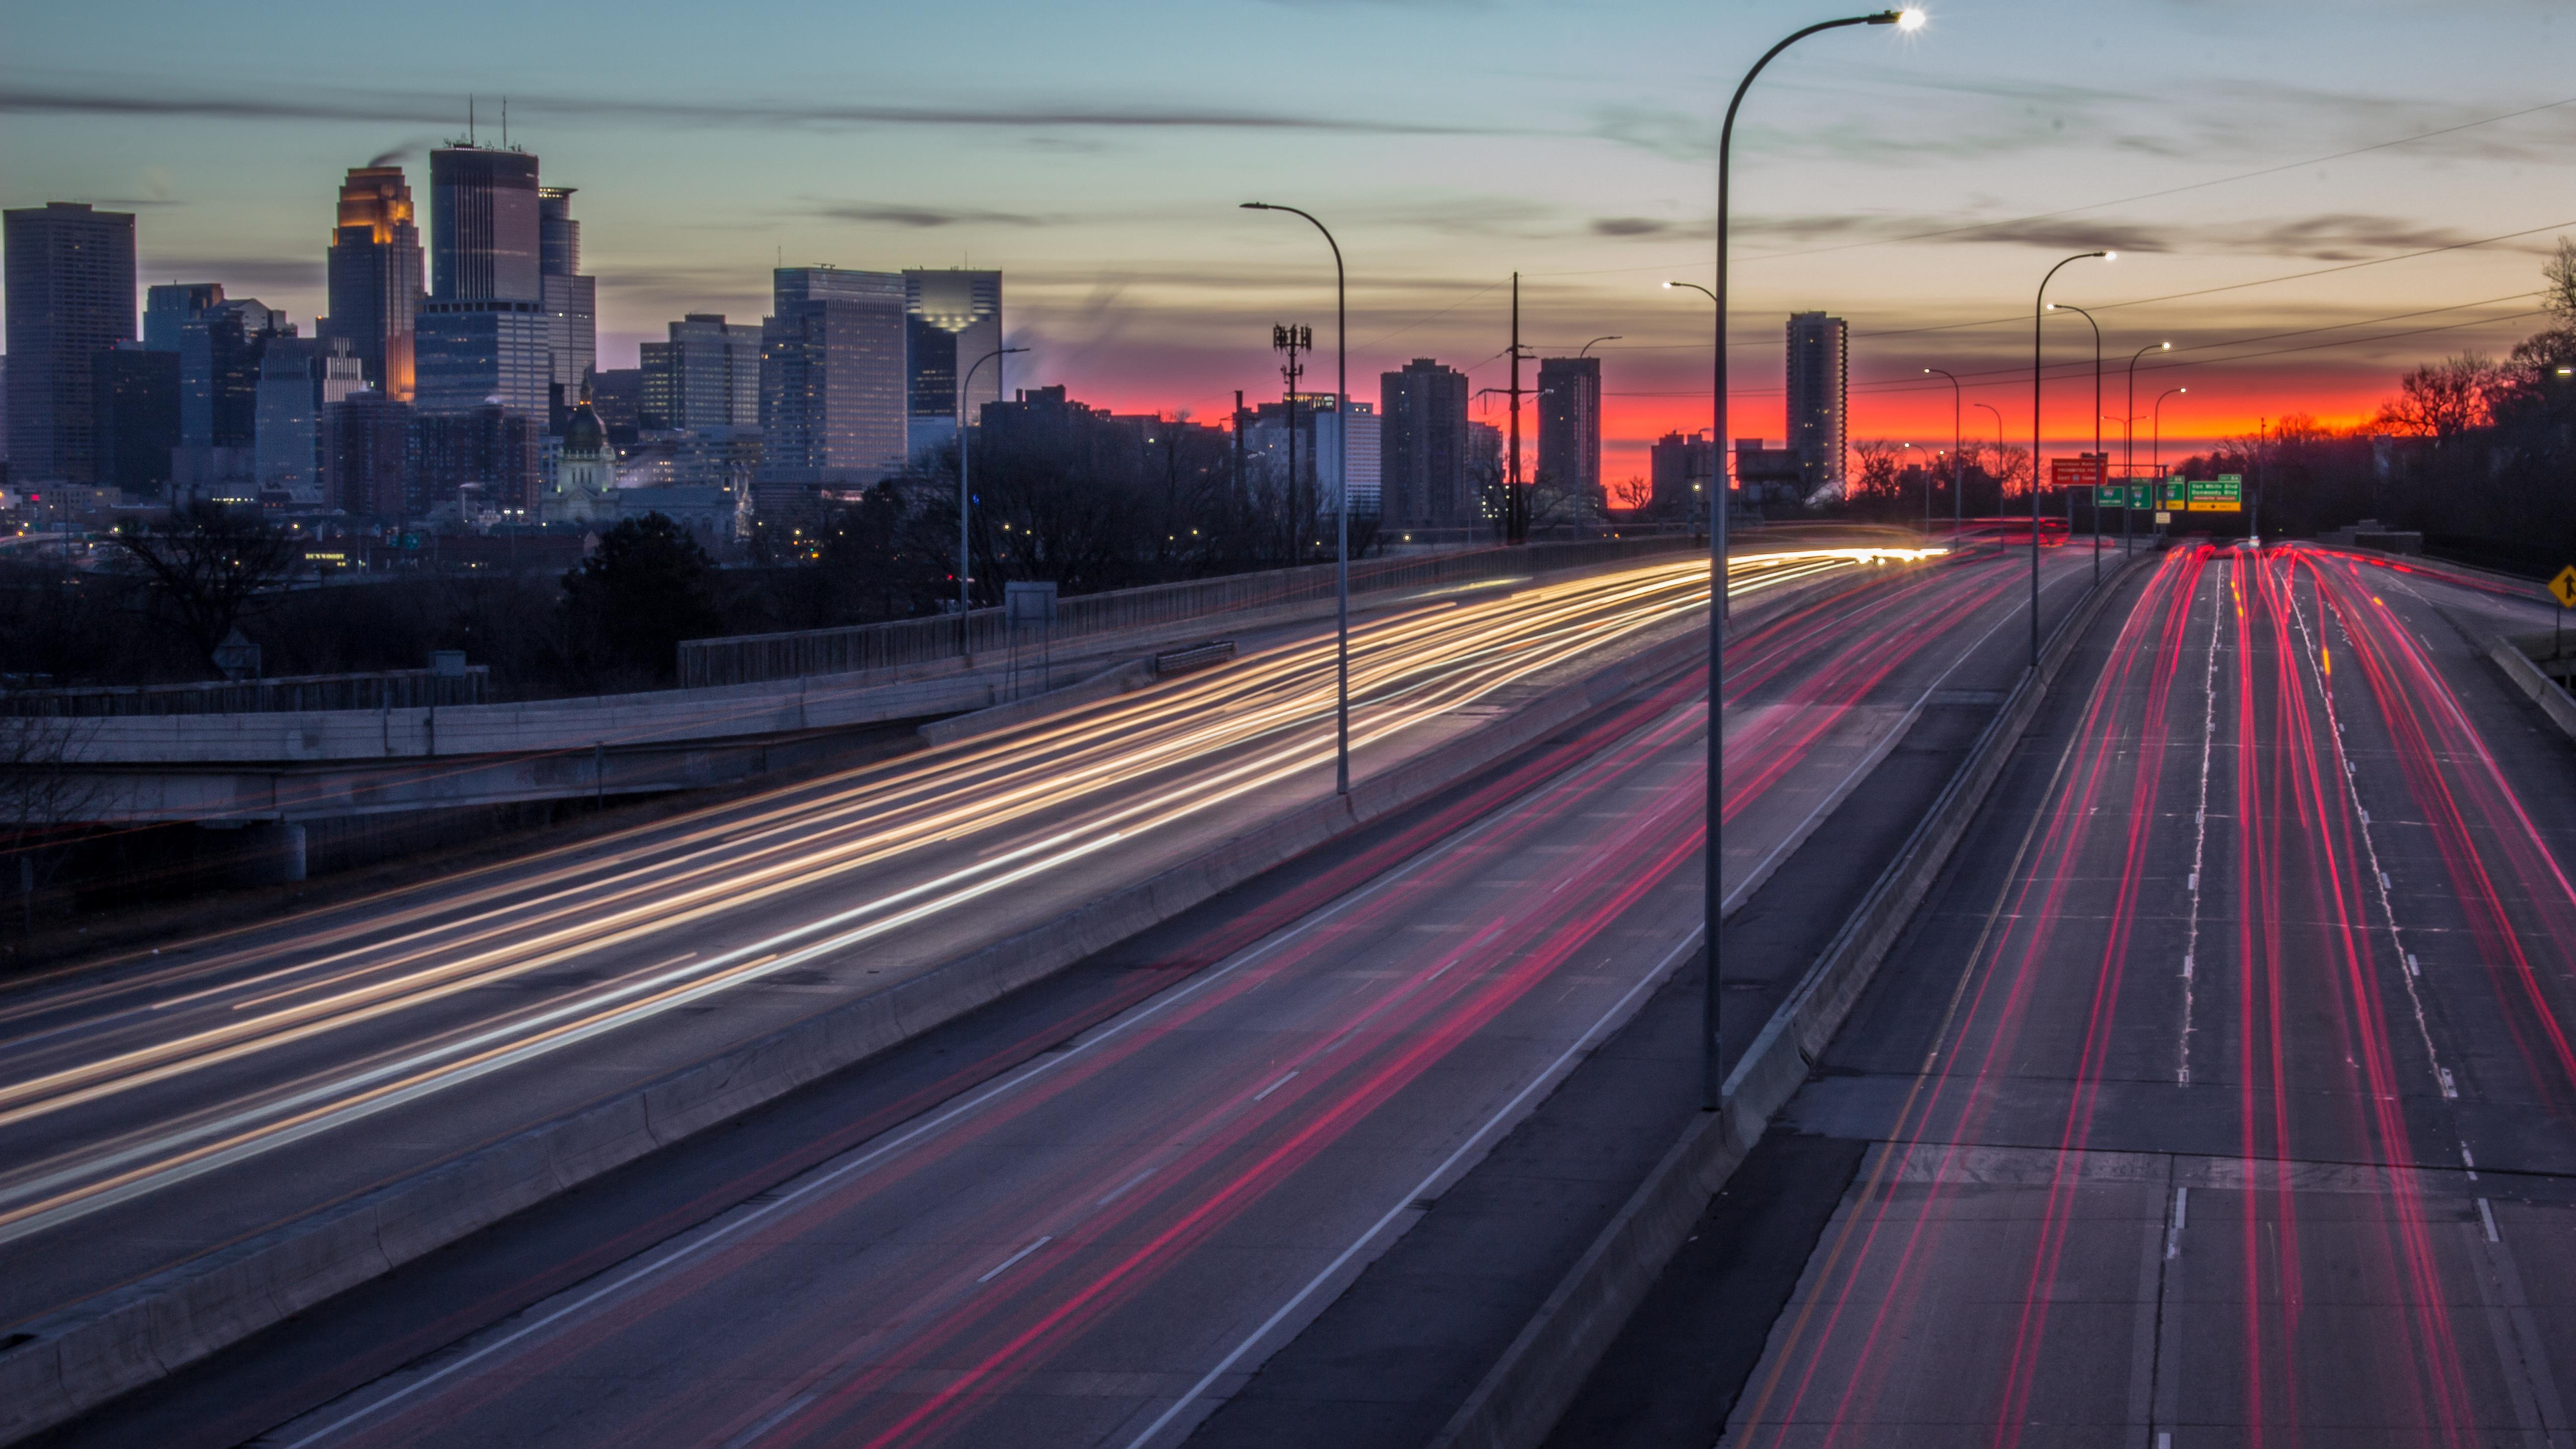 Skyline Lighttrails Sunrise Minnesota Minneapolis